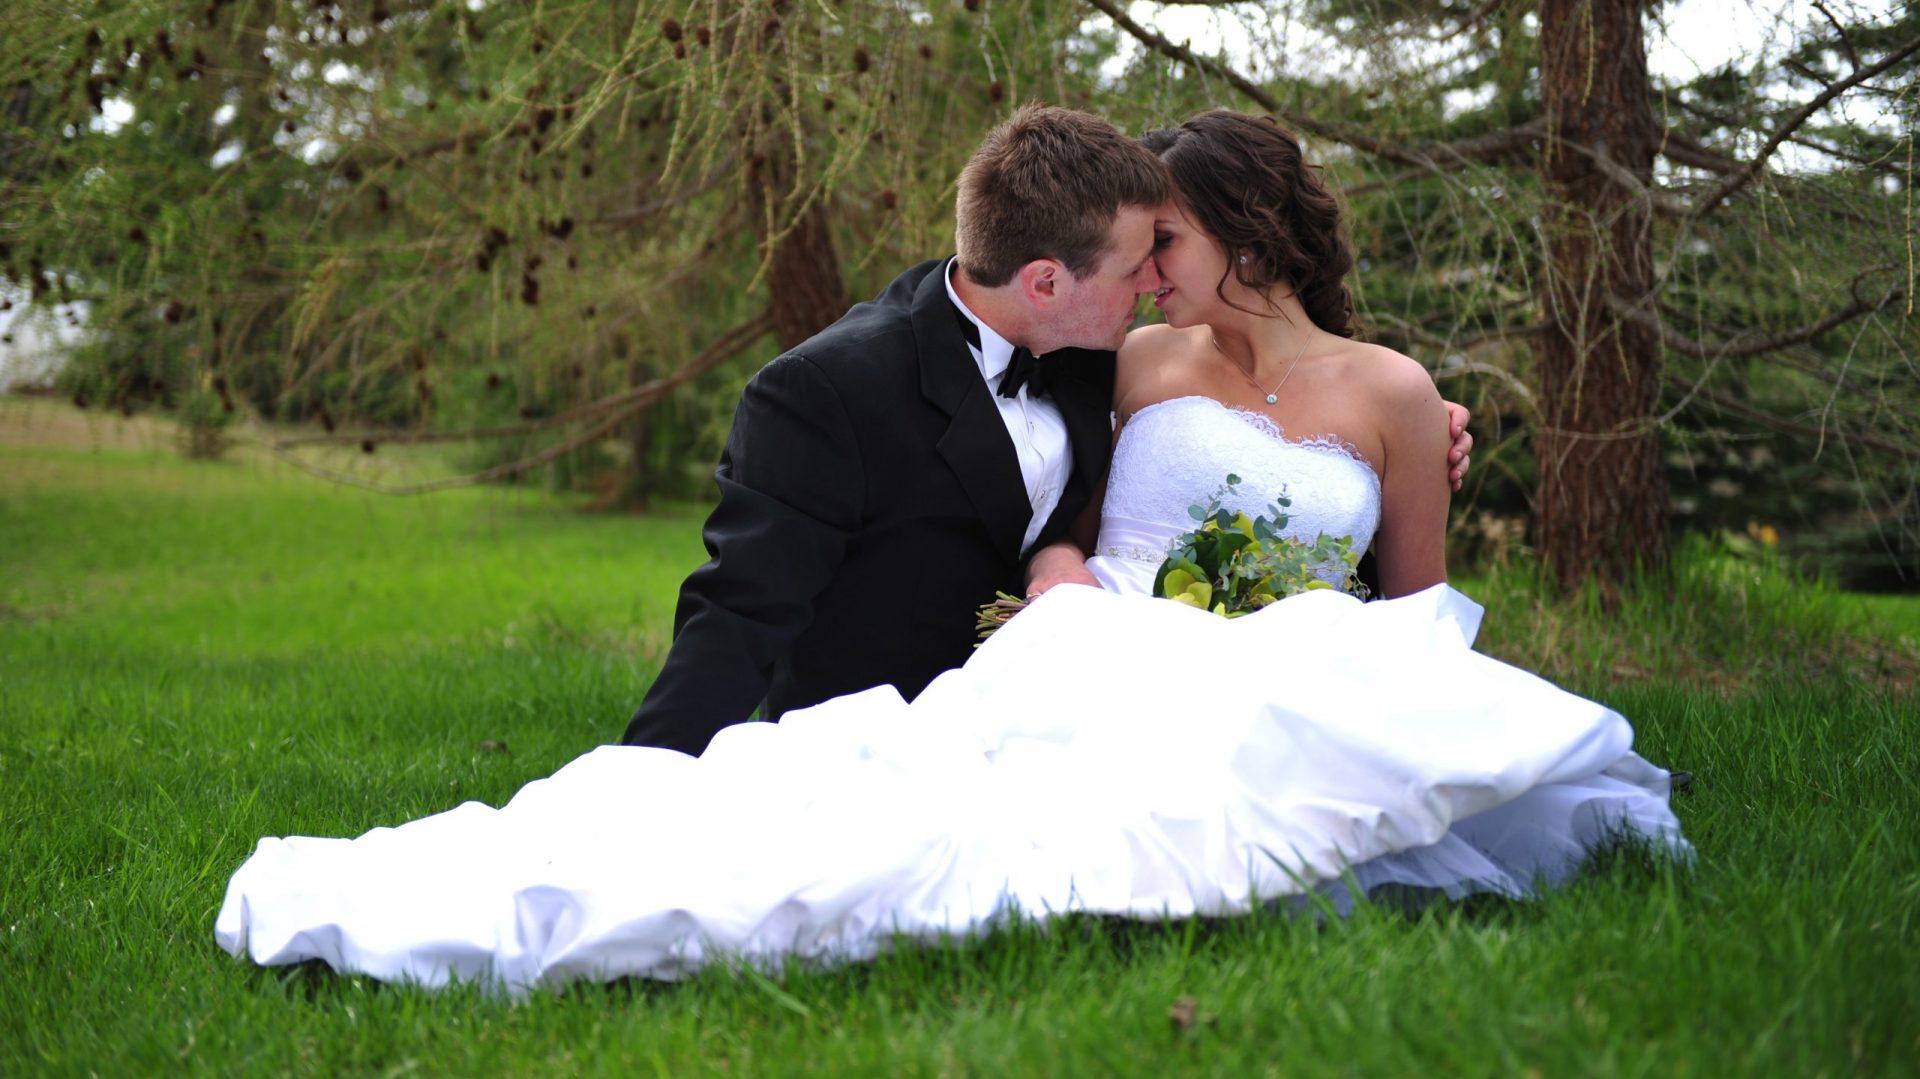 Kitakits Wedding Photography